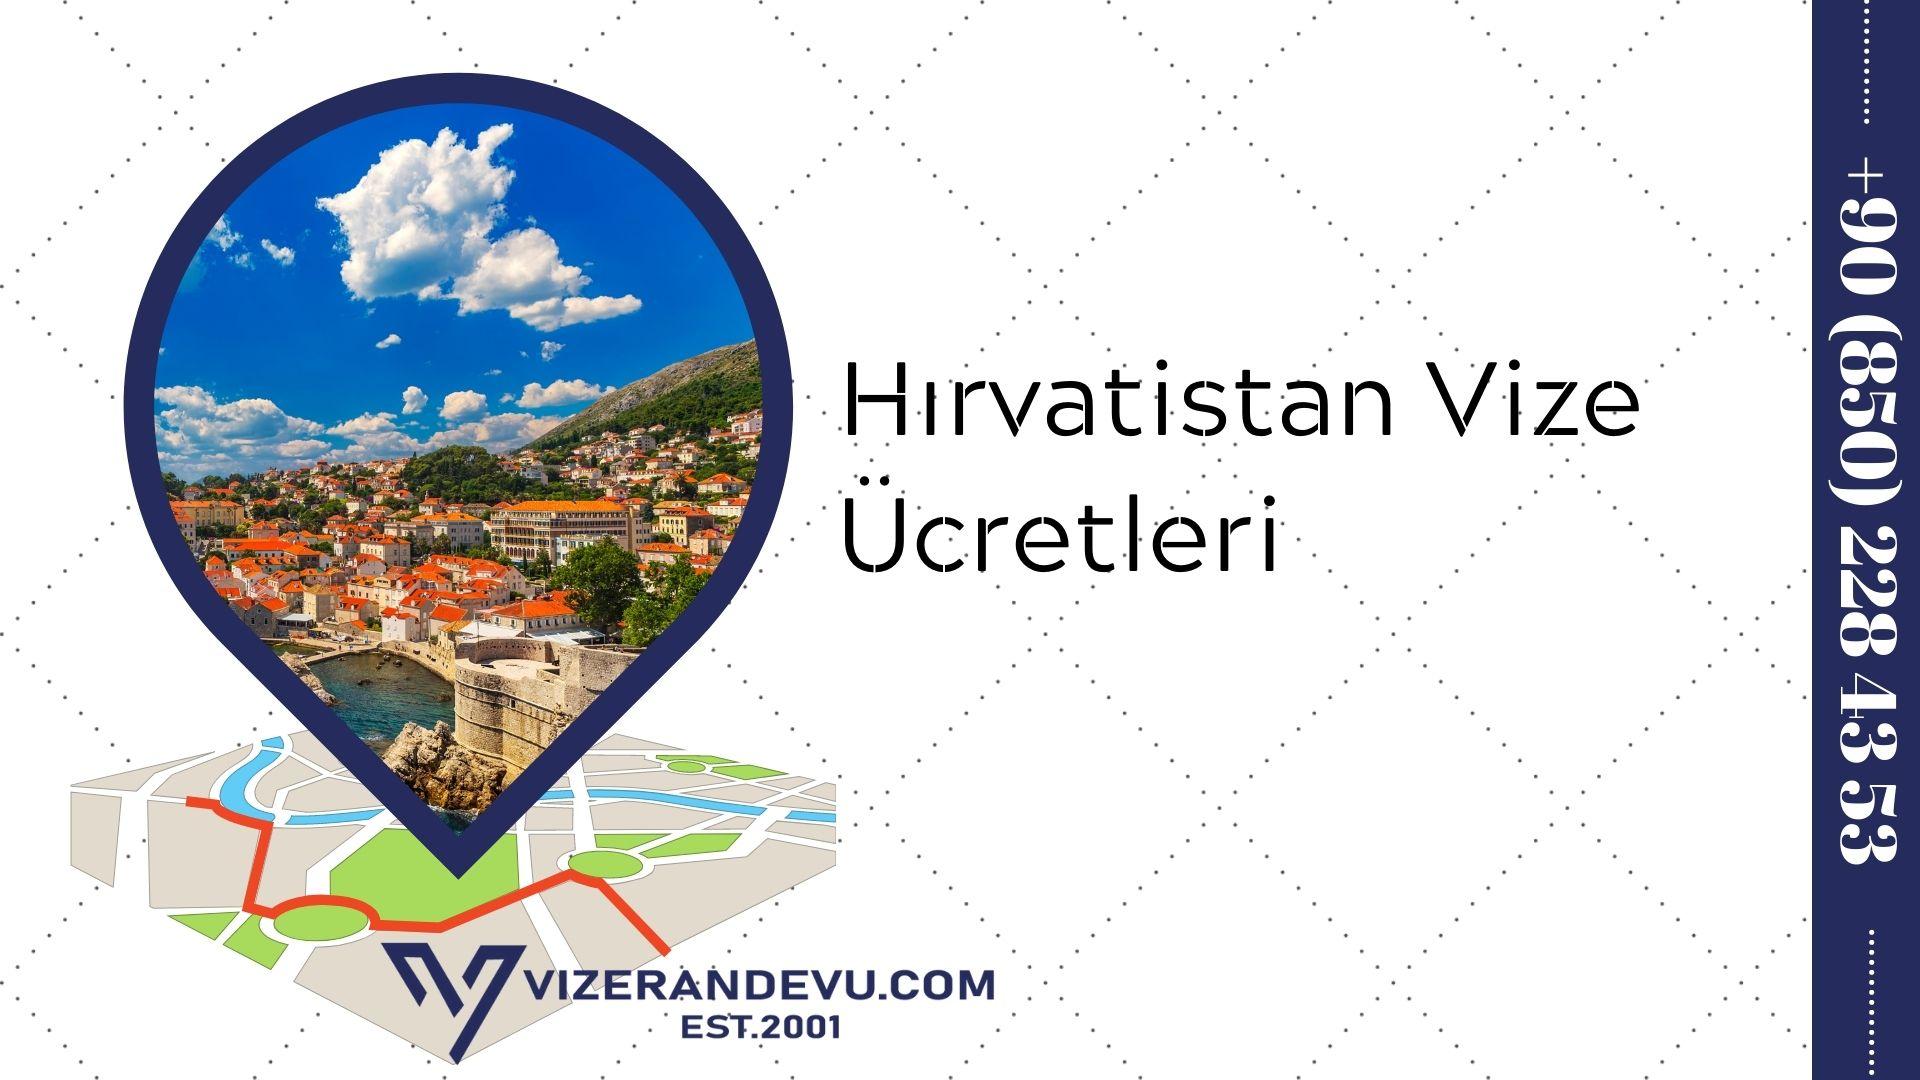 Hırvatistan Vize Ücretleri (2021)